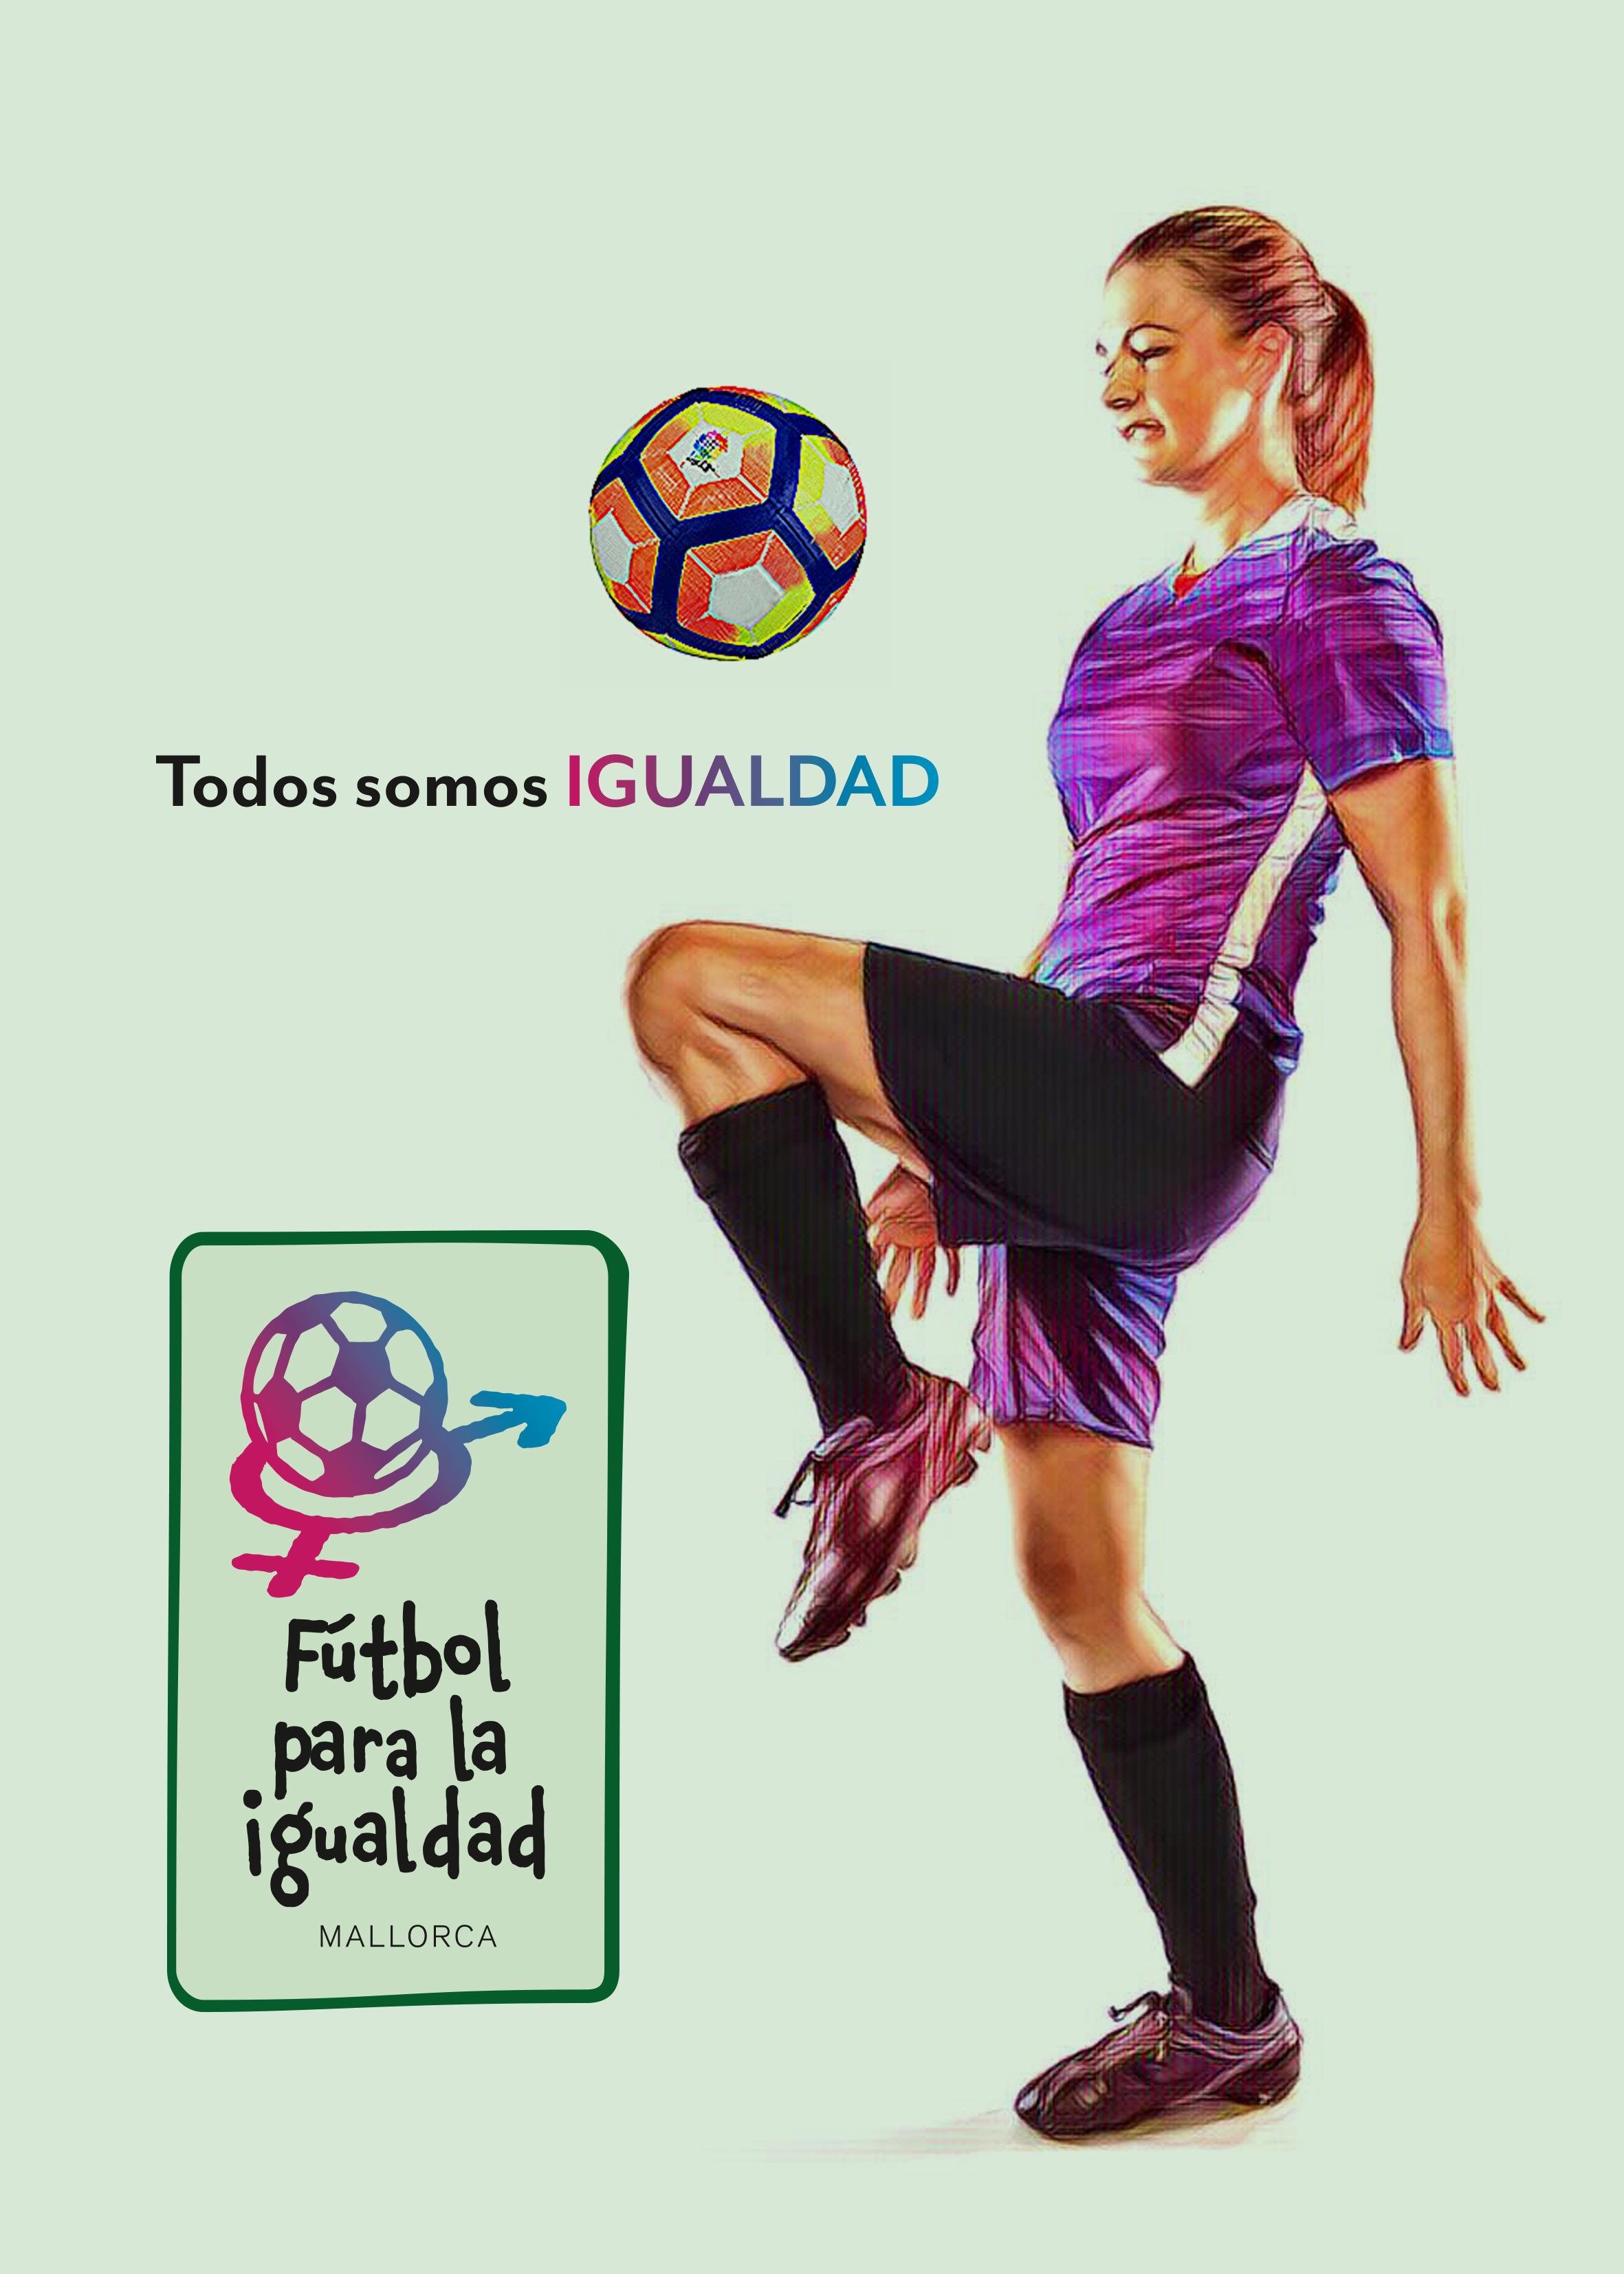 Fútbol Para la Igualdad